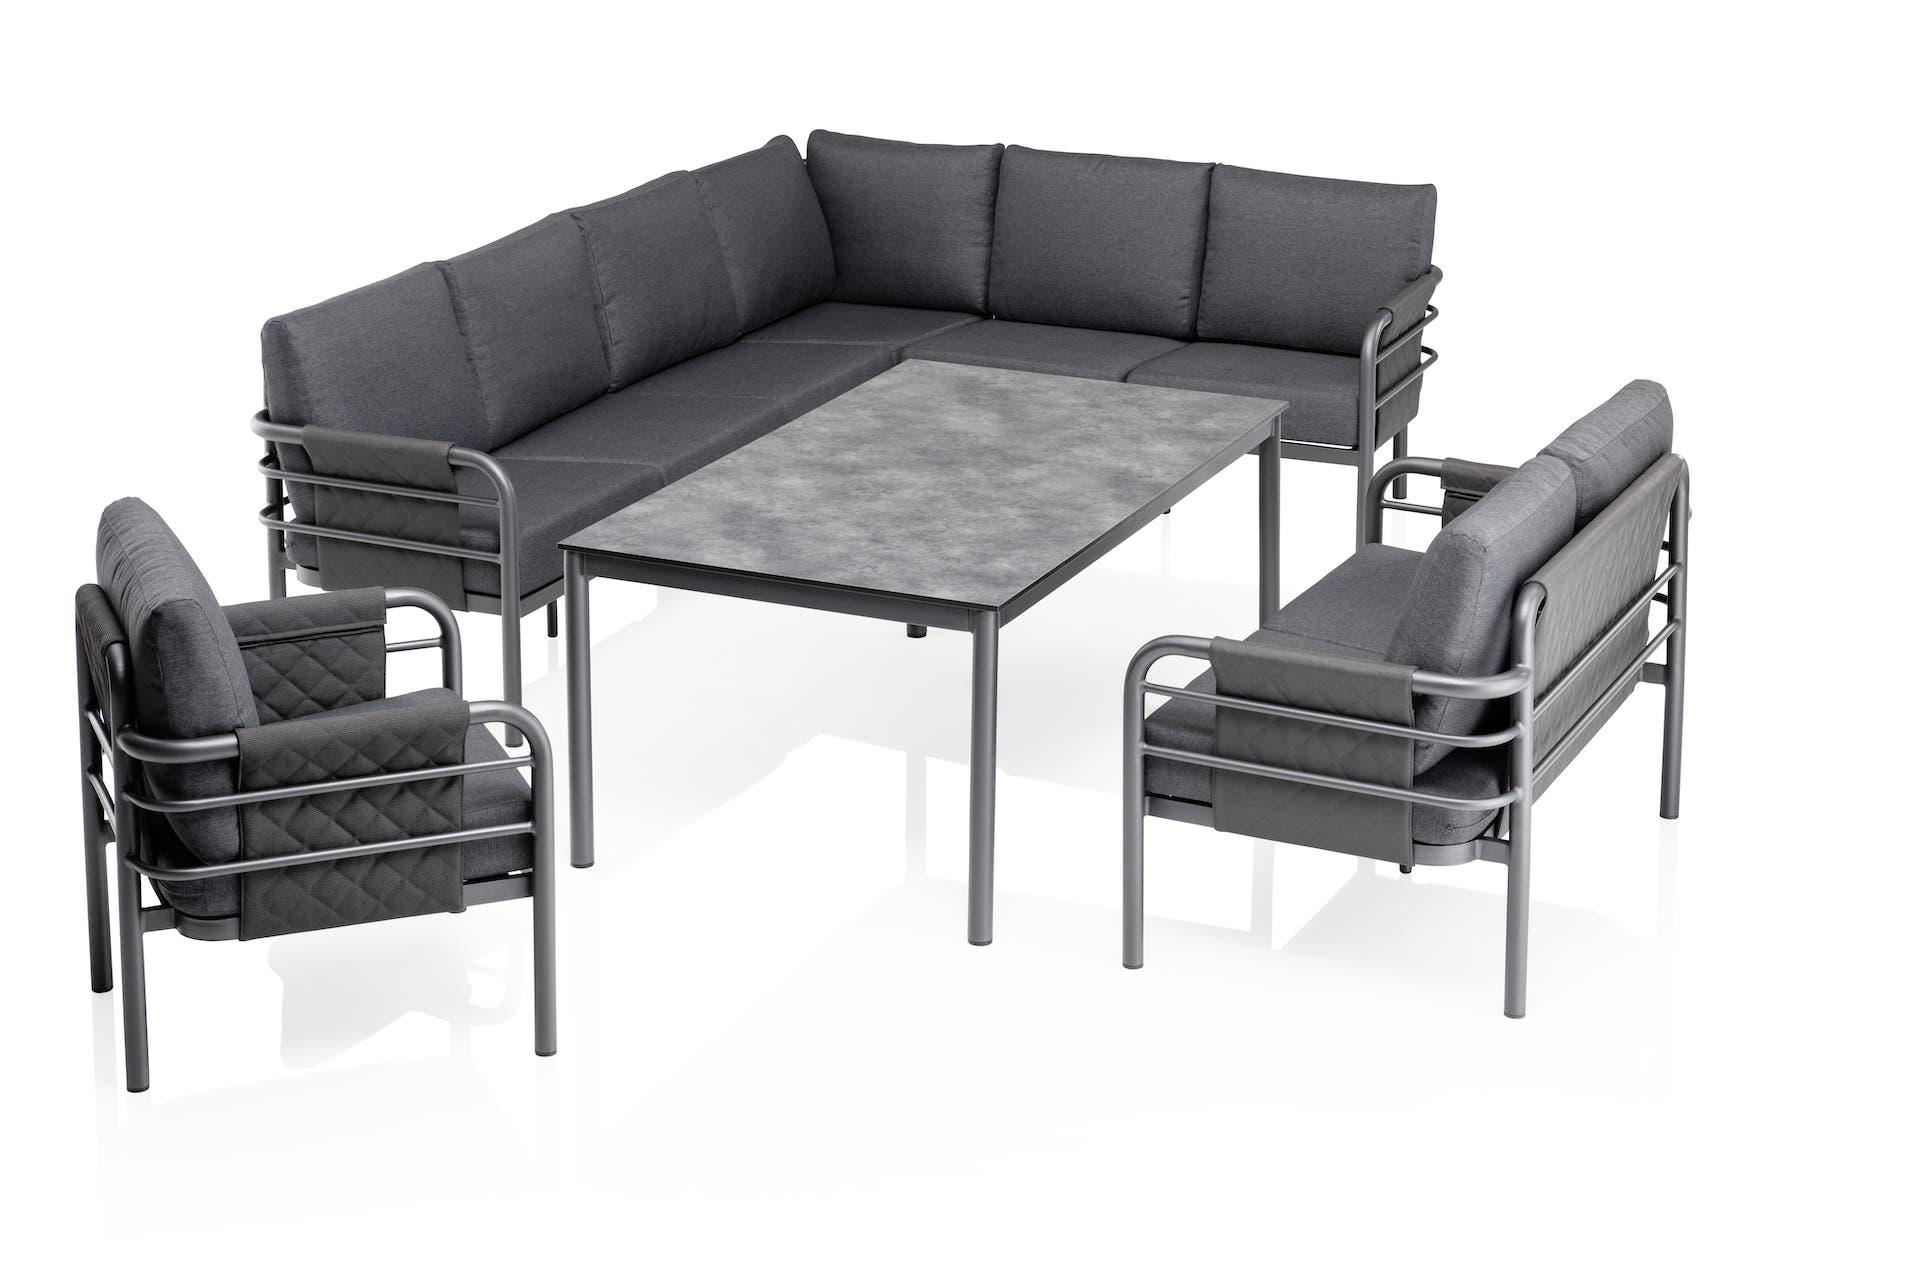 WIRE Tischgestell 160 x 95 cm